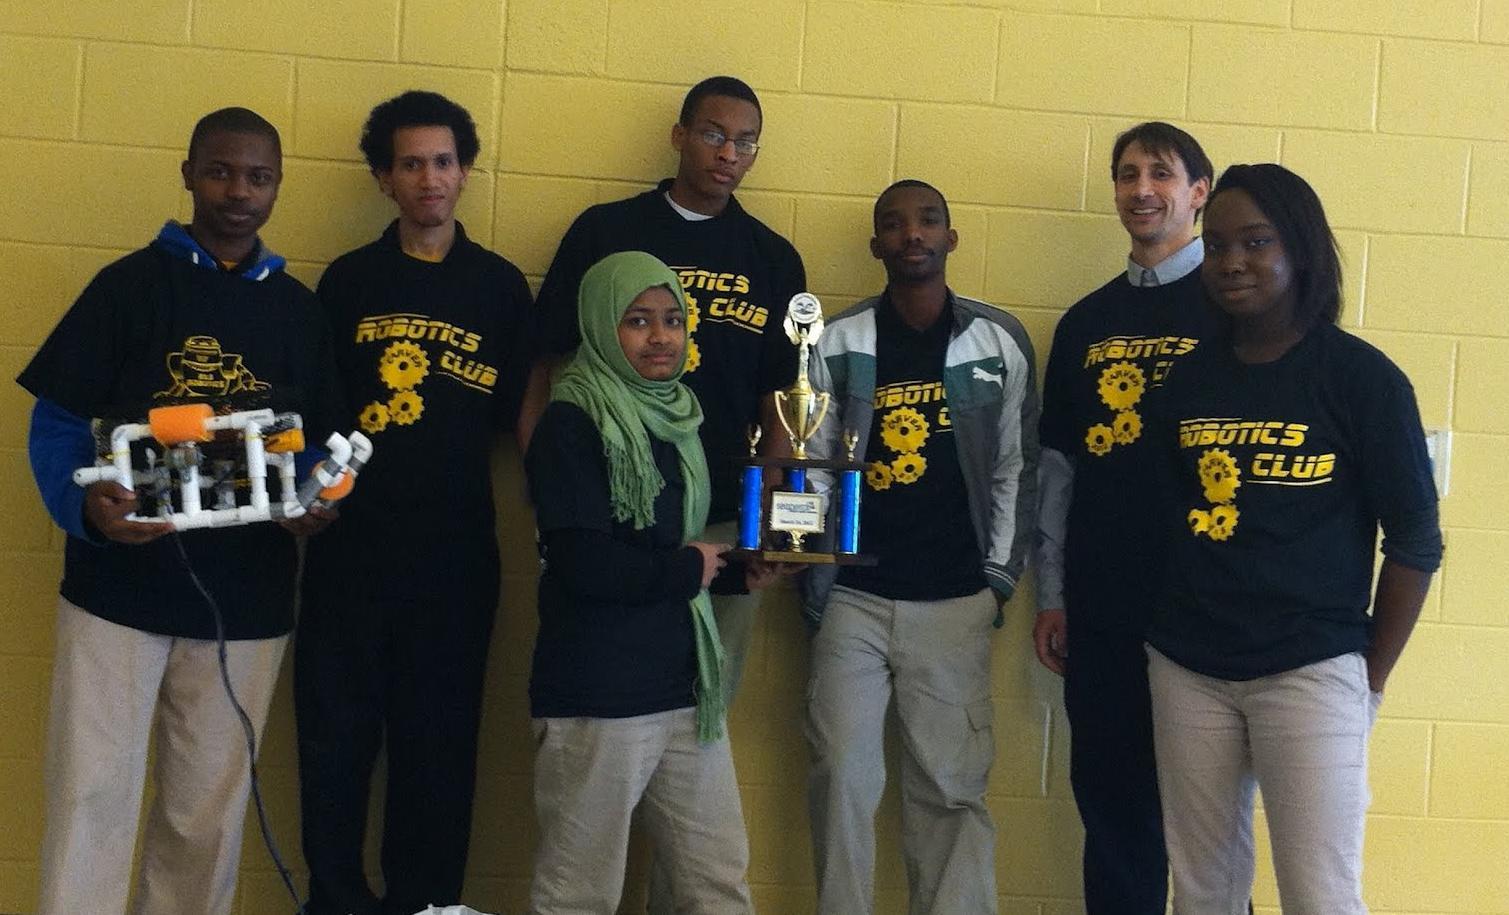 Robotics At Hses Seaperch Team Earns 3rd Place At Regionals